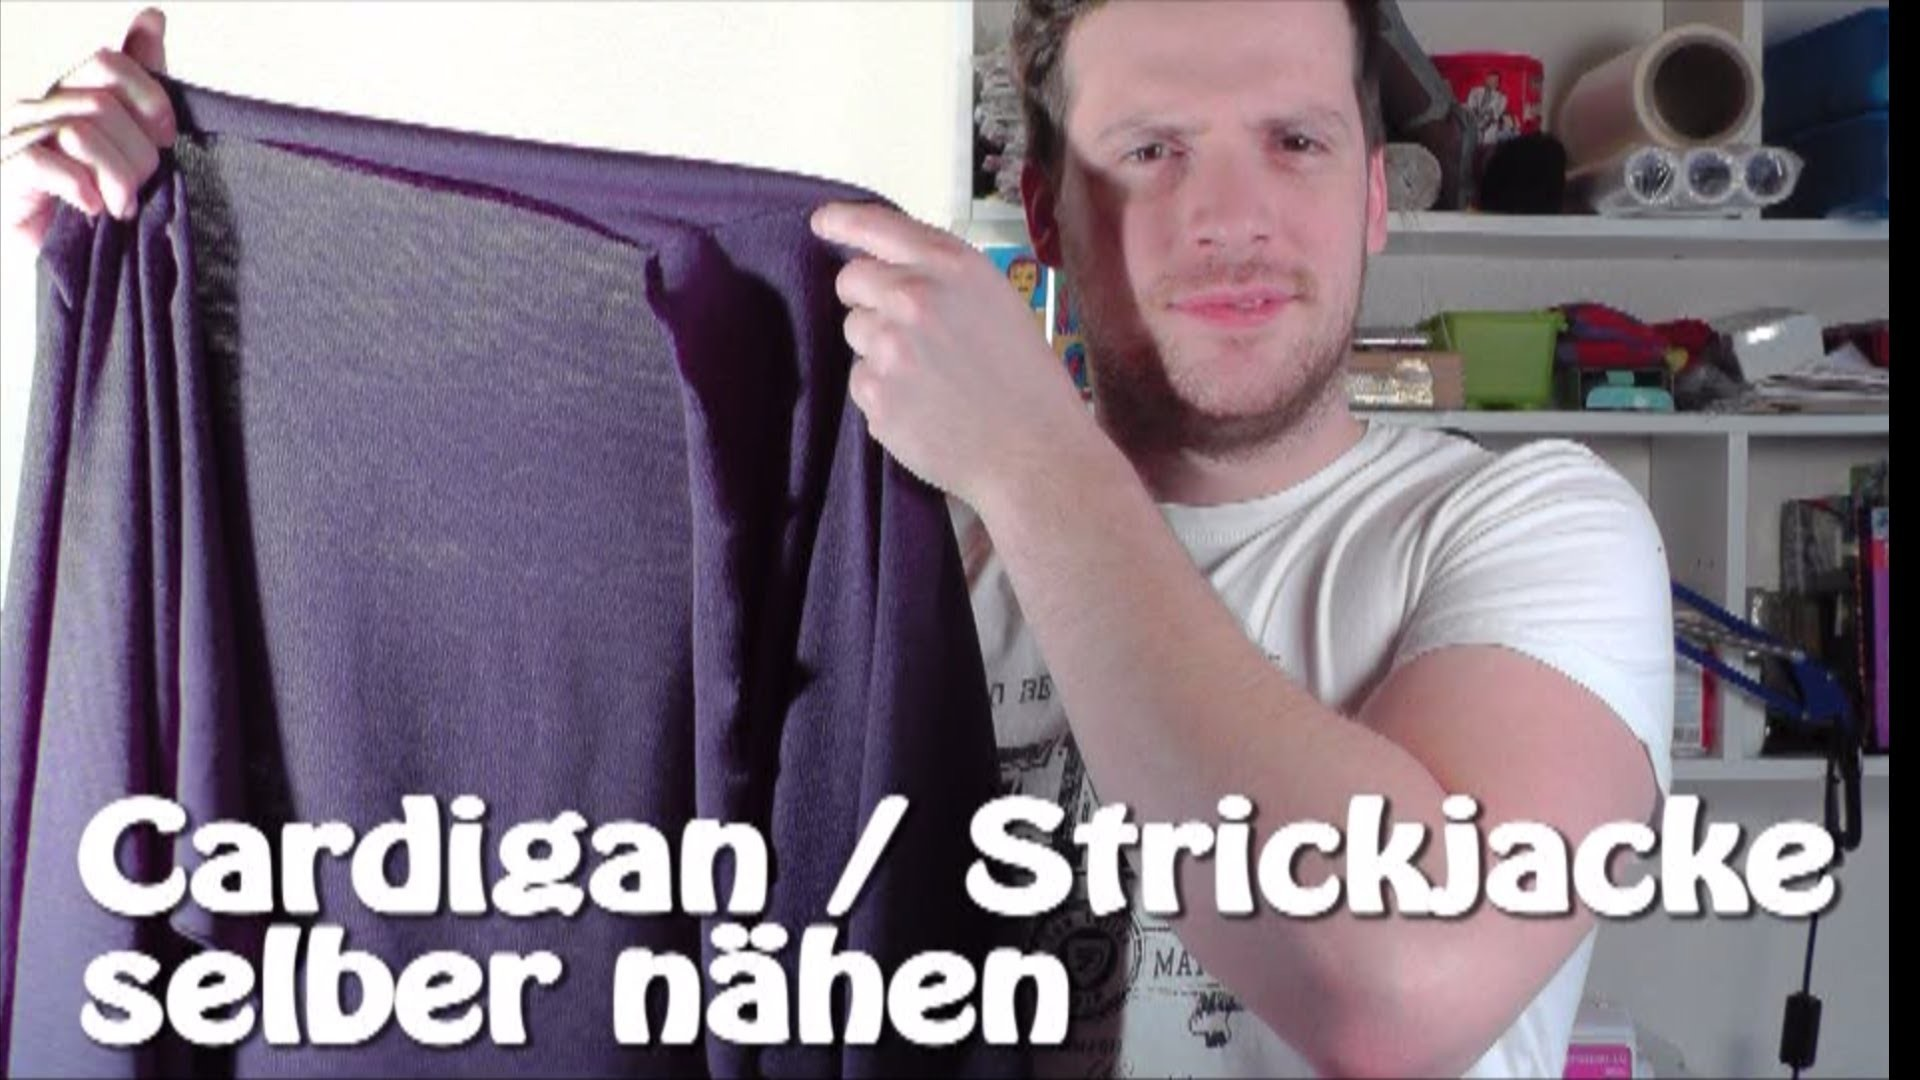 DIY | Cardigan. Strickjacke selber nähen I Nähen für Anfänger | Tutorial